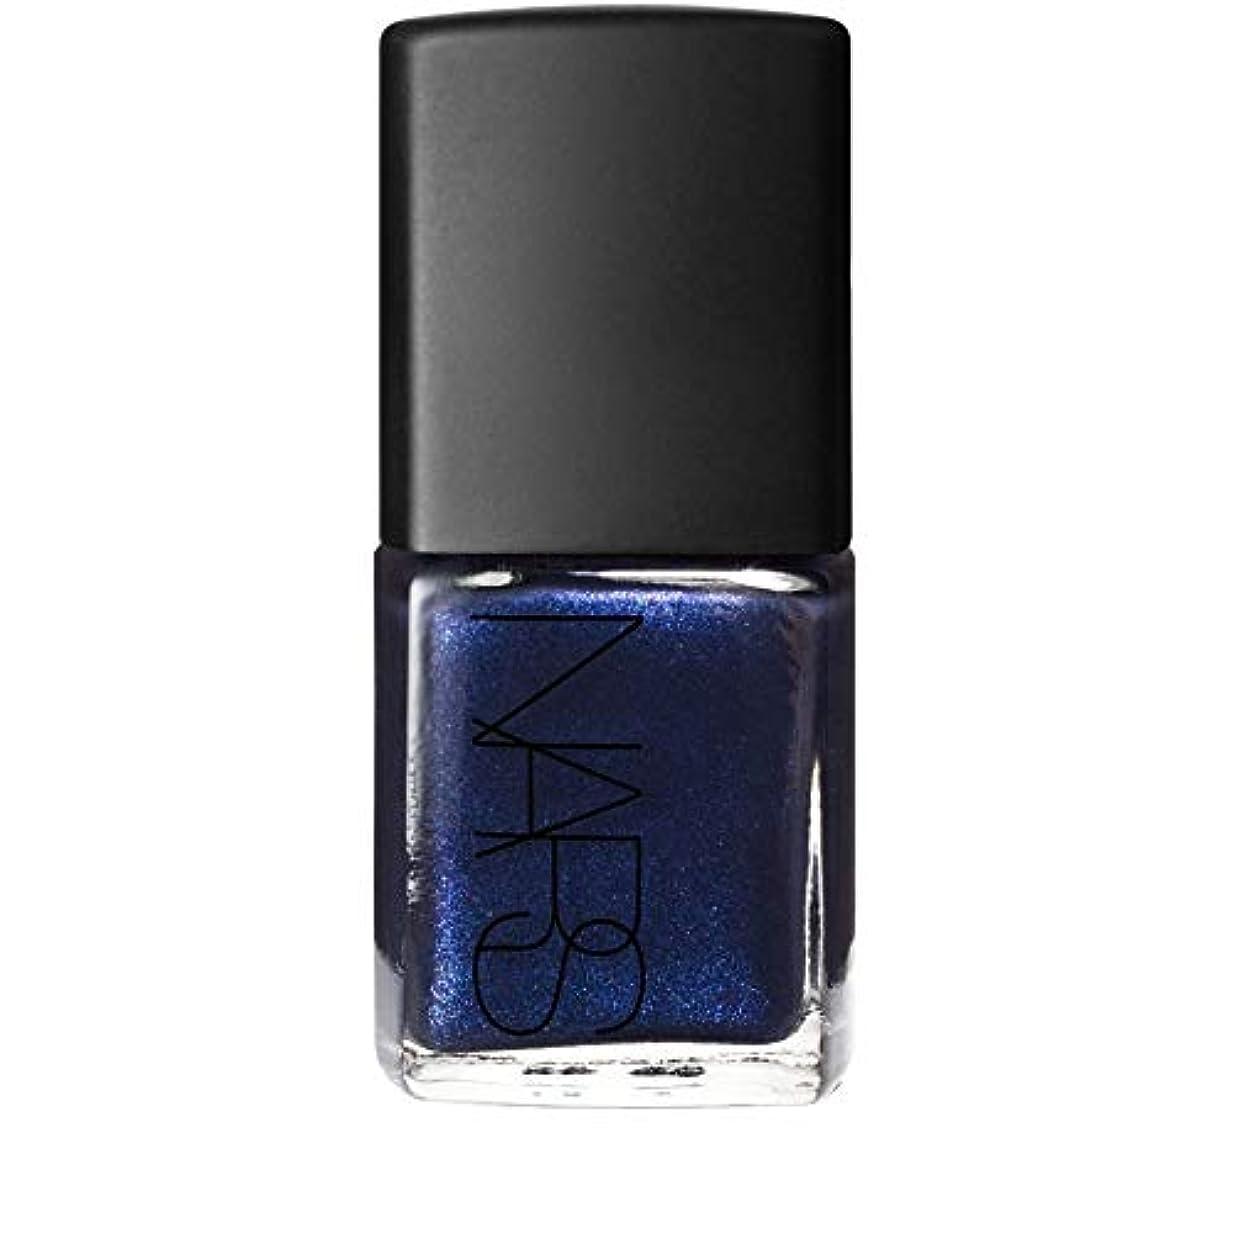 チロ増幅完了[Nars] 青色の夜間飛行の真珠でのNarマニキュアを - Nars Nail Polish in Night Flight Pearl Blue [並行輸入品]